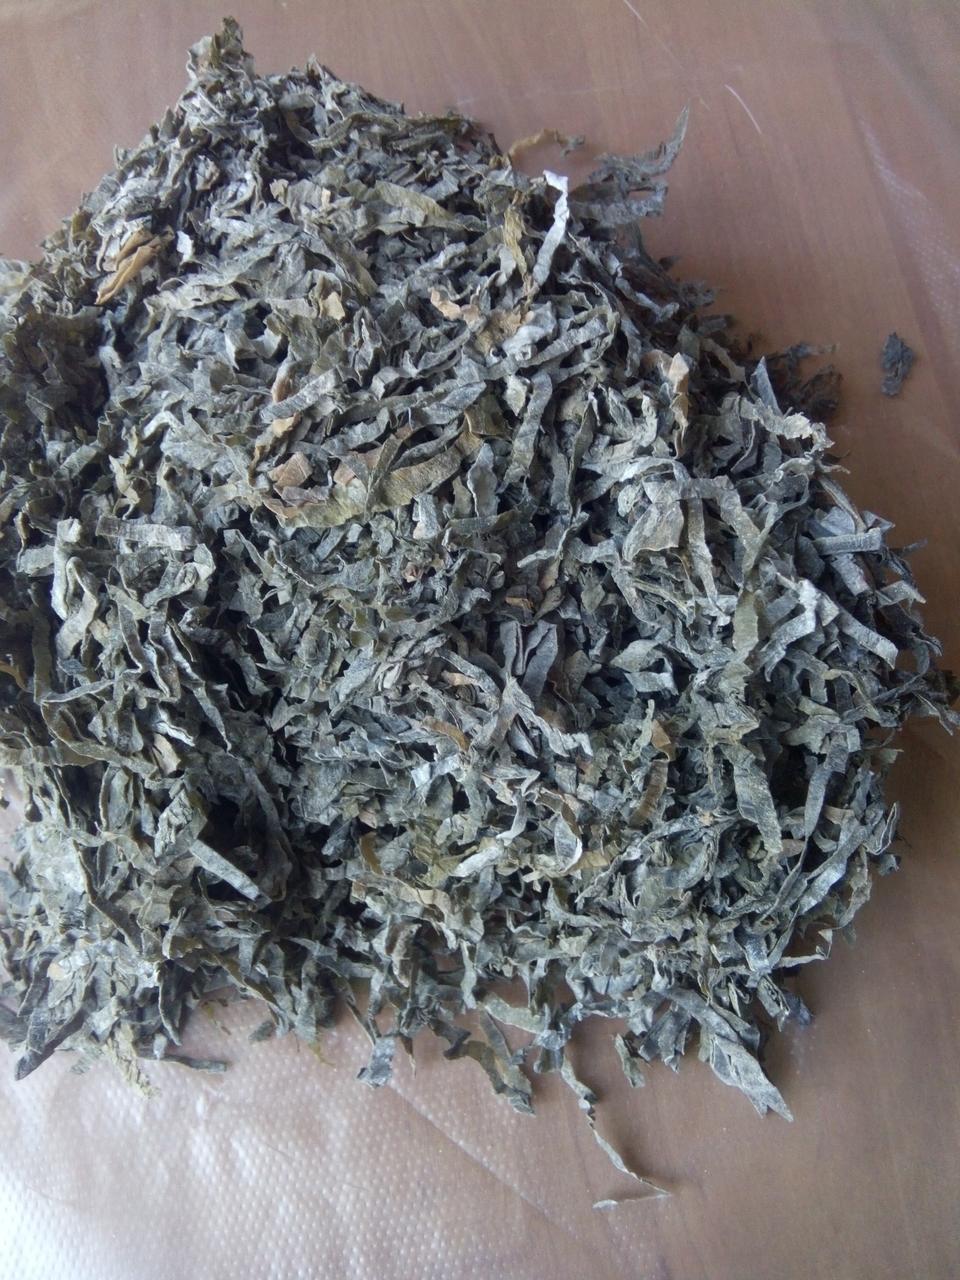 """Ламинария сушеная[морская капуста] 1:7 1 кг - Интернет-магазин """"экокум"""" в Львове"""